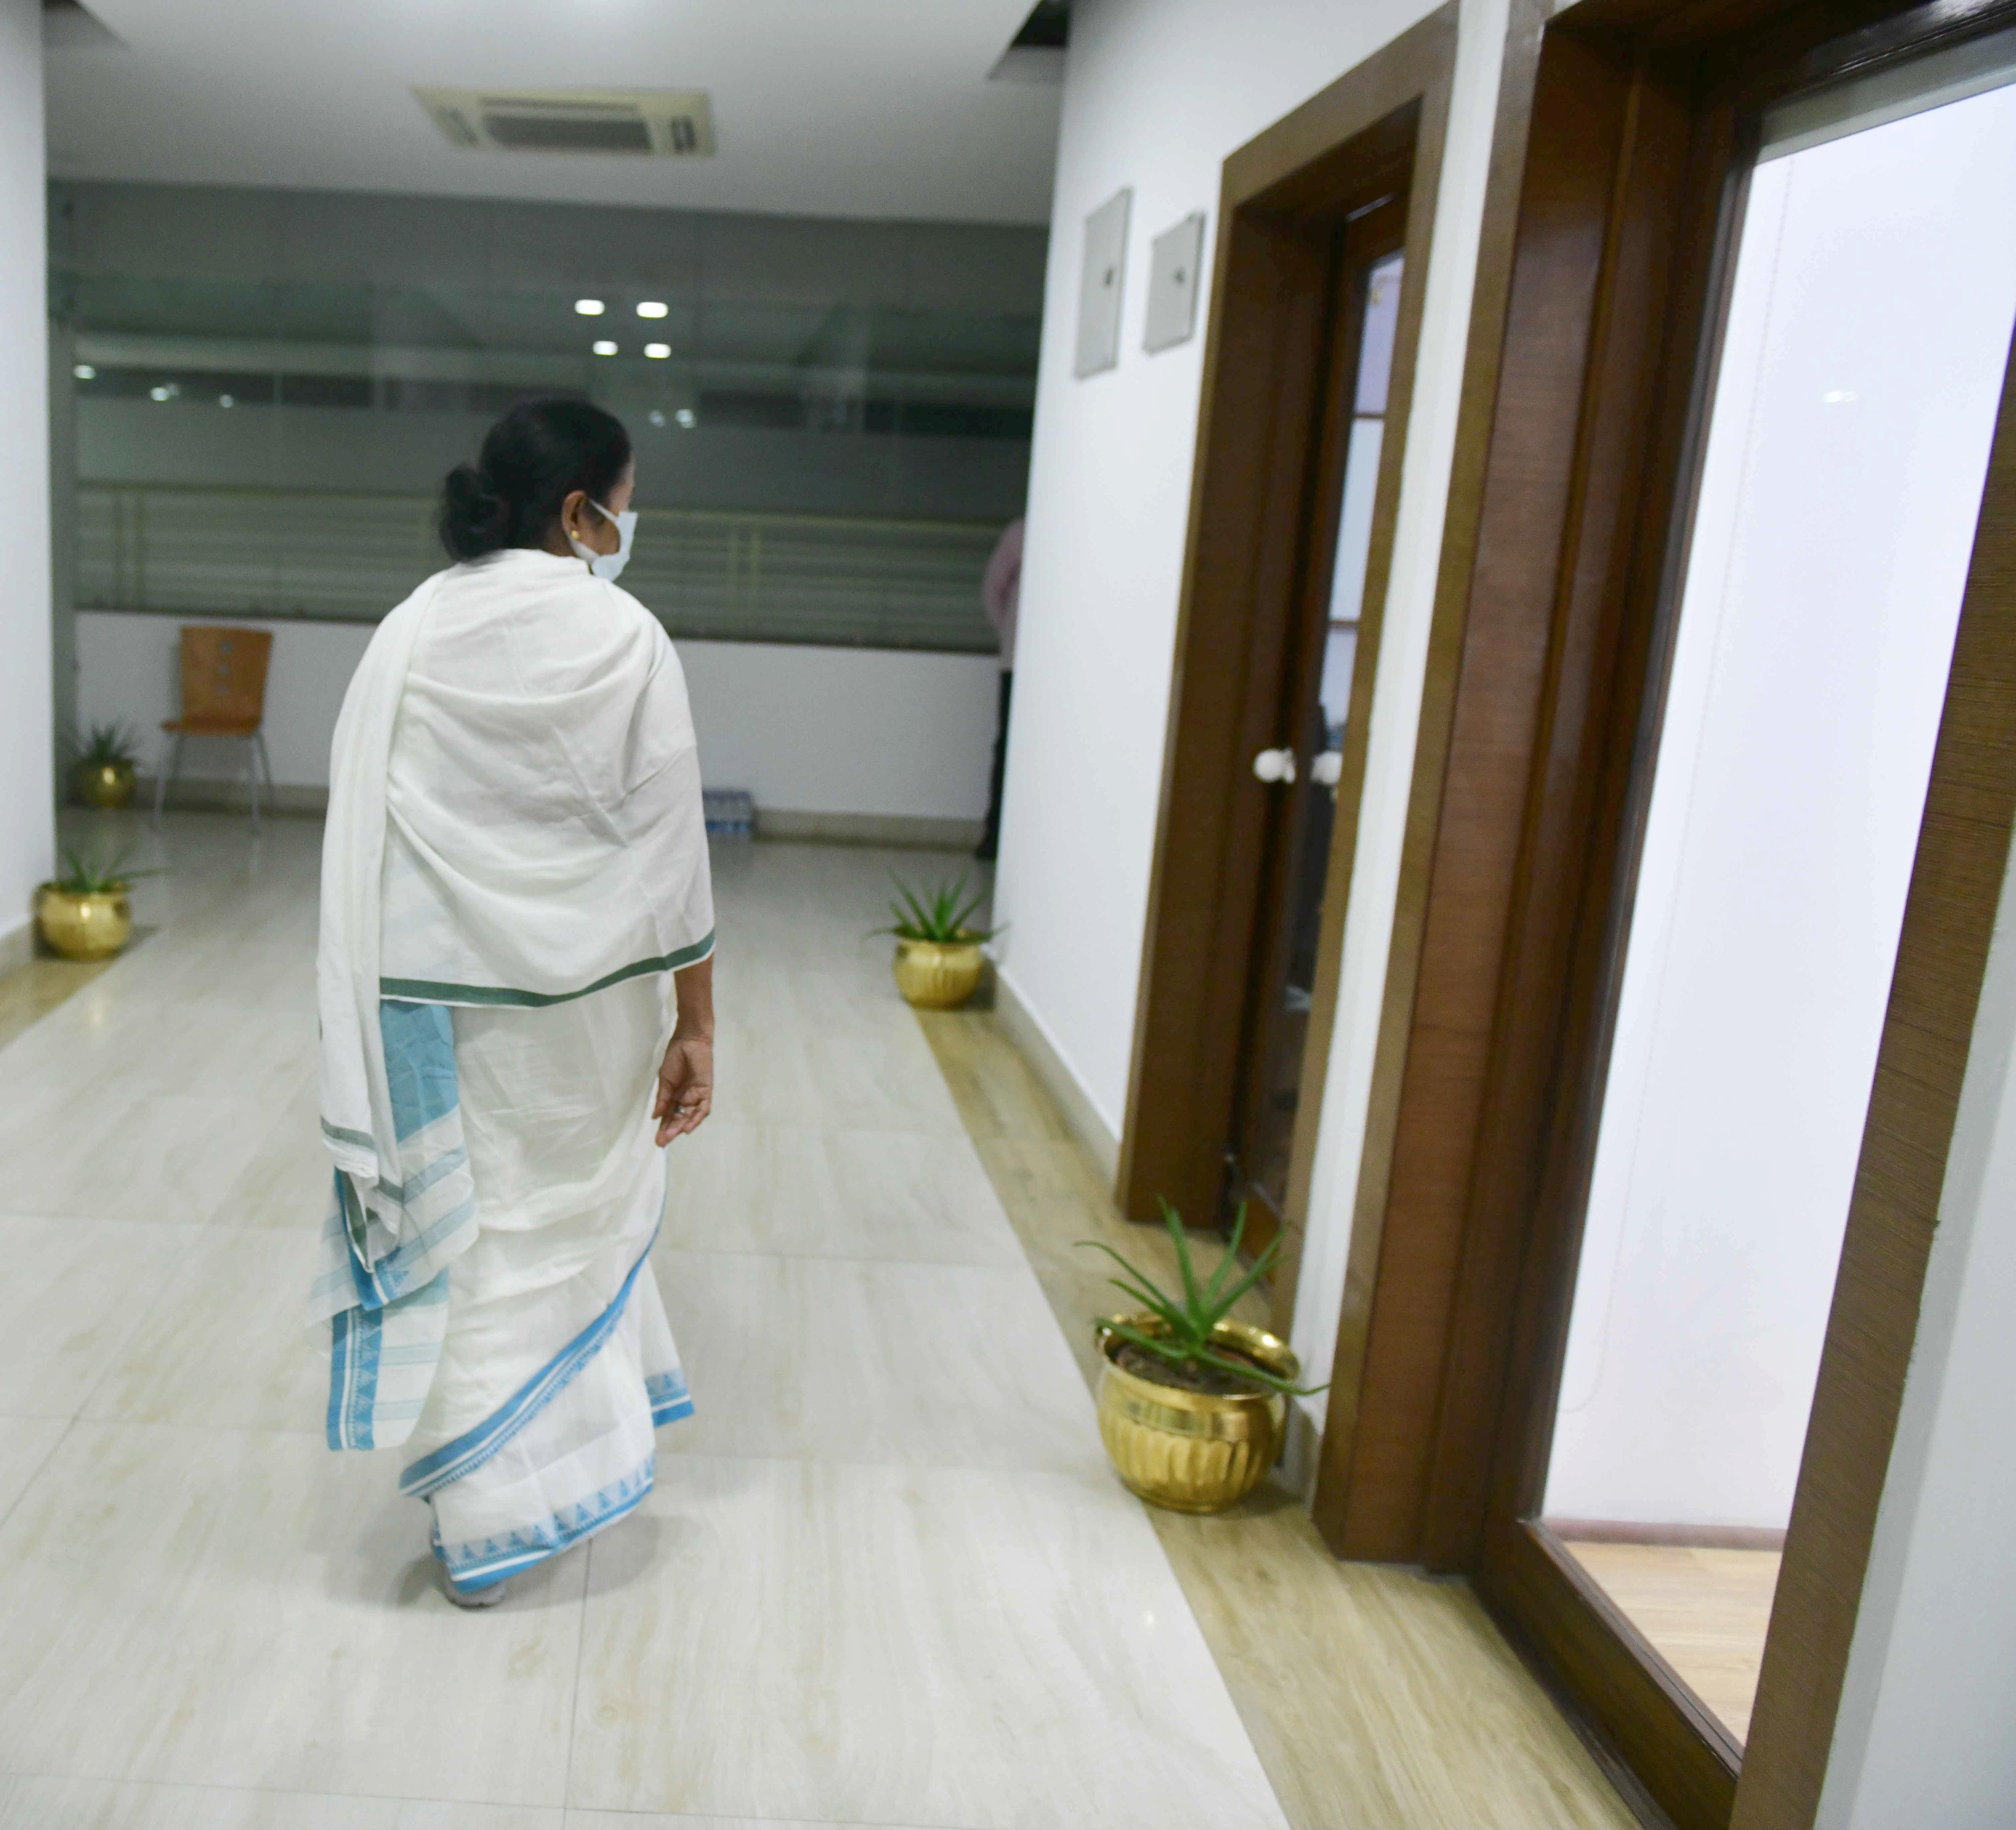 মঙ্গলবার রাত সাড়ে ন'টা নাগাদ নবান্নের কন্ট্রোল রুমে যান। সেখানে পরিস্থিতির পর্যালোচনা করেন। (ছবি সৌজন্যে পিটিআই)